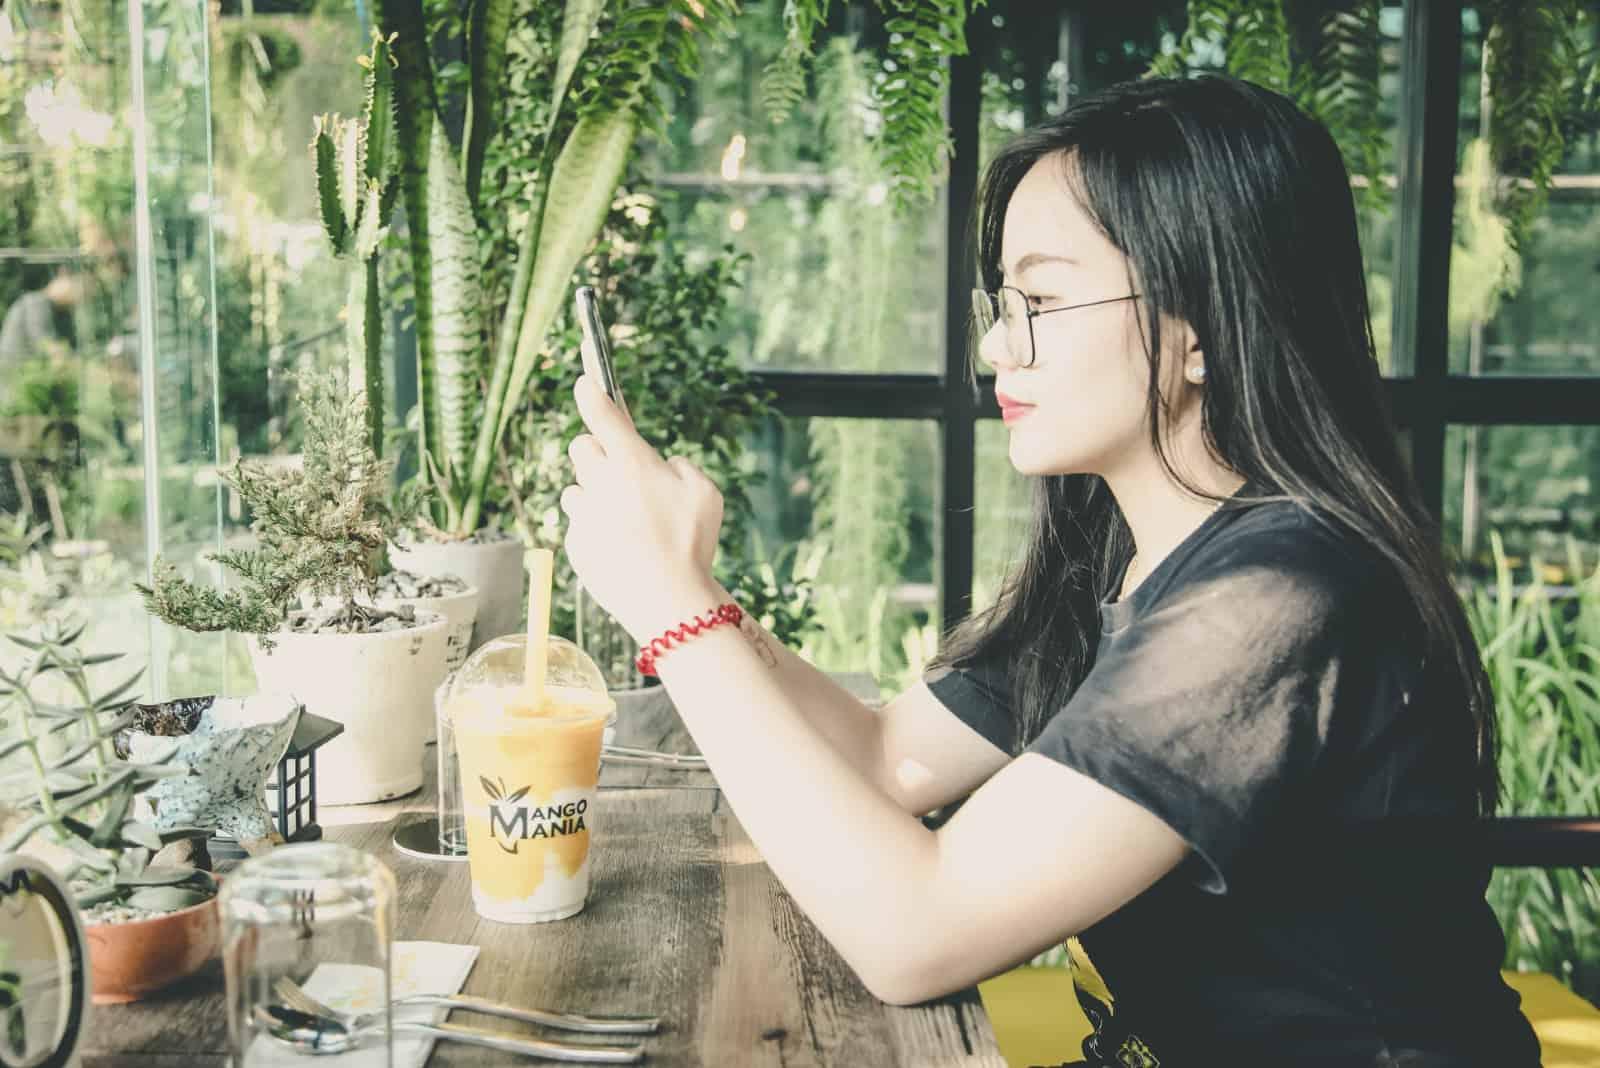 femme assise à une table utilisant un smartphone